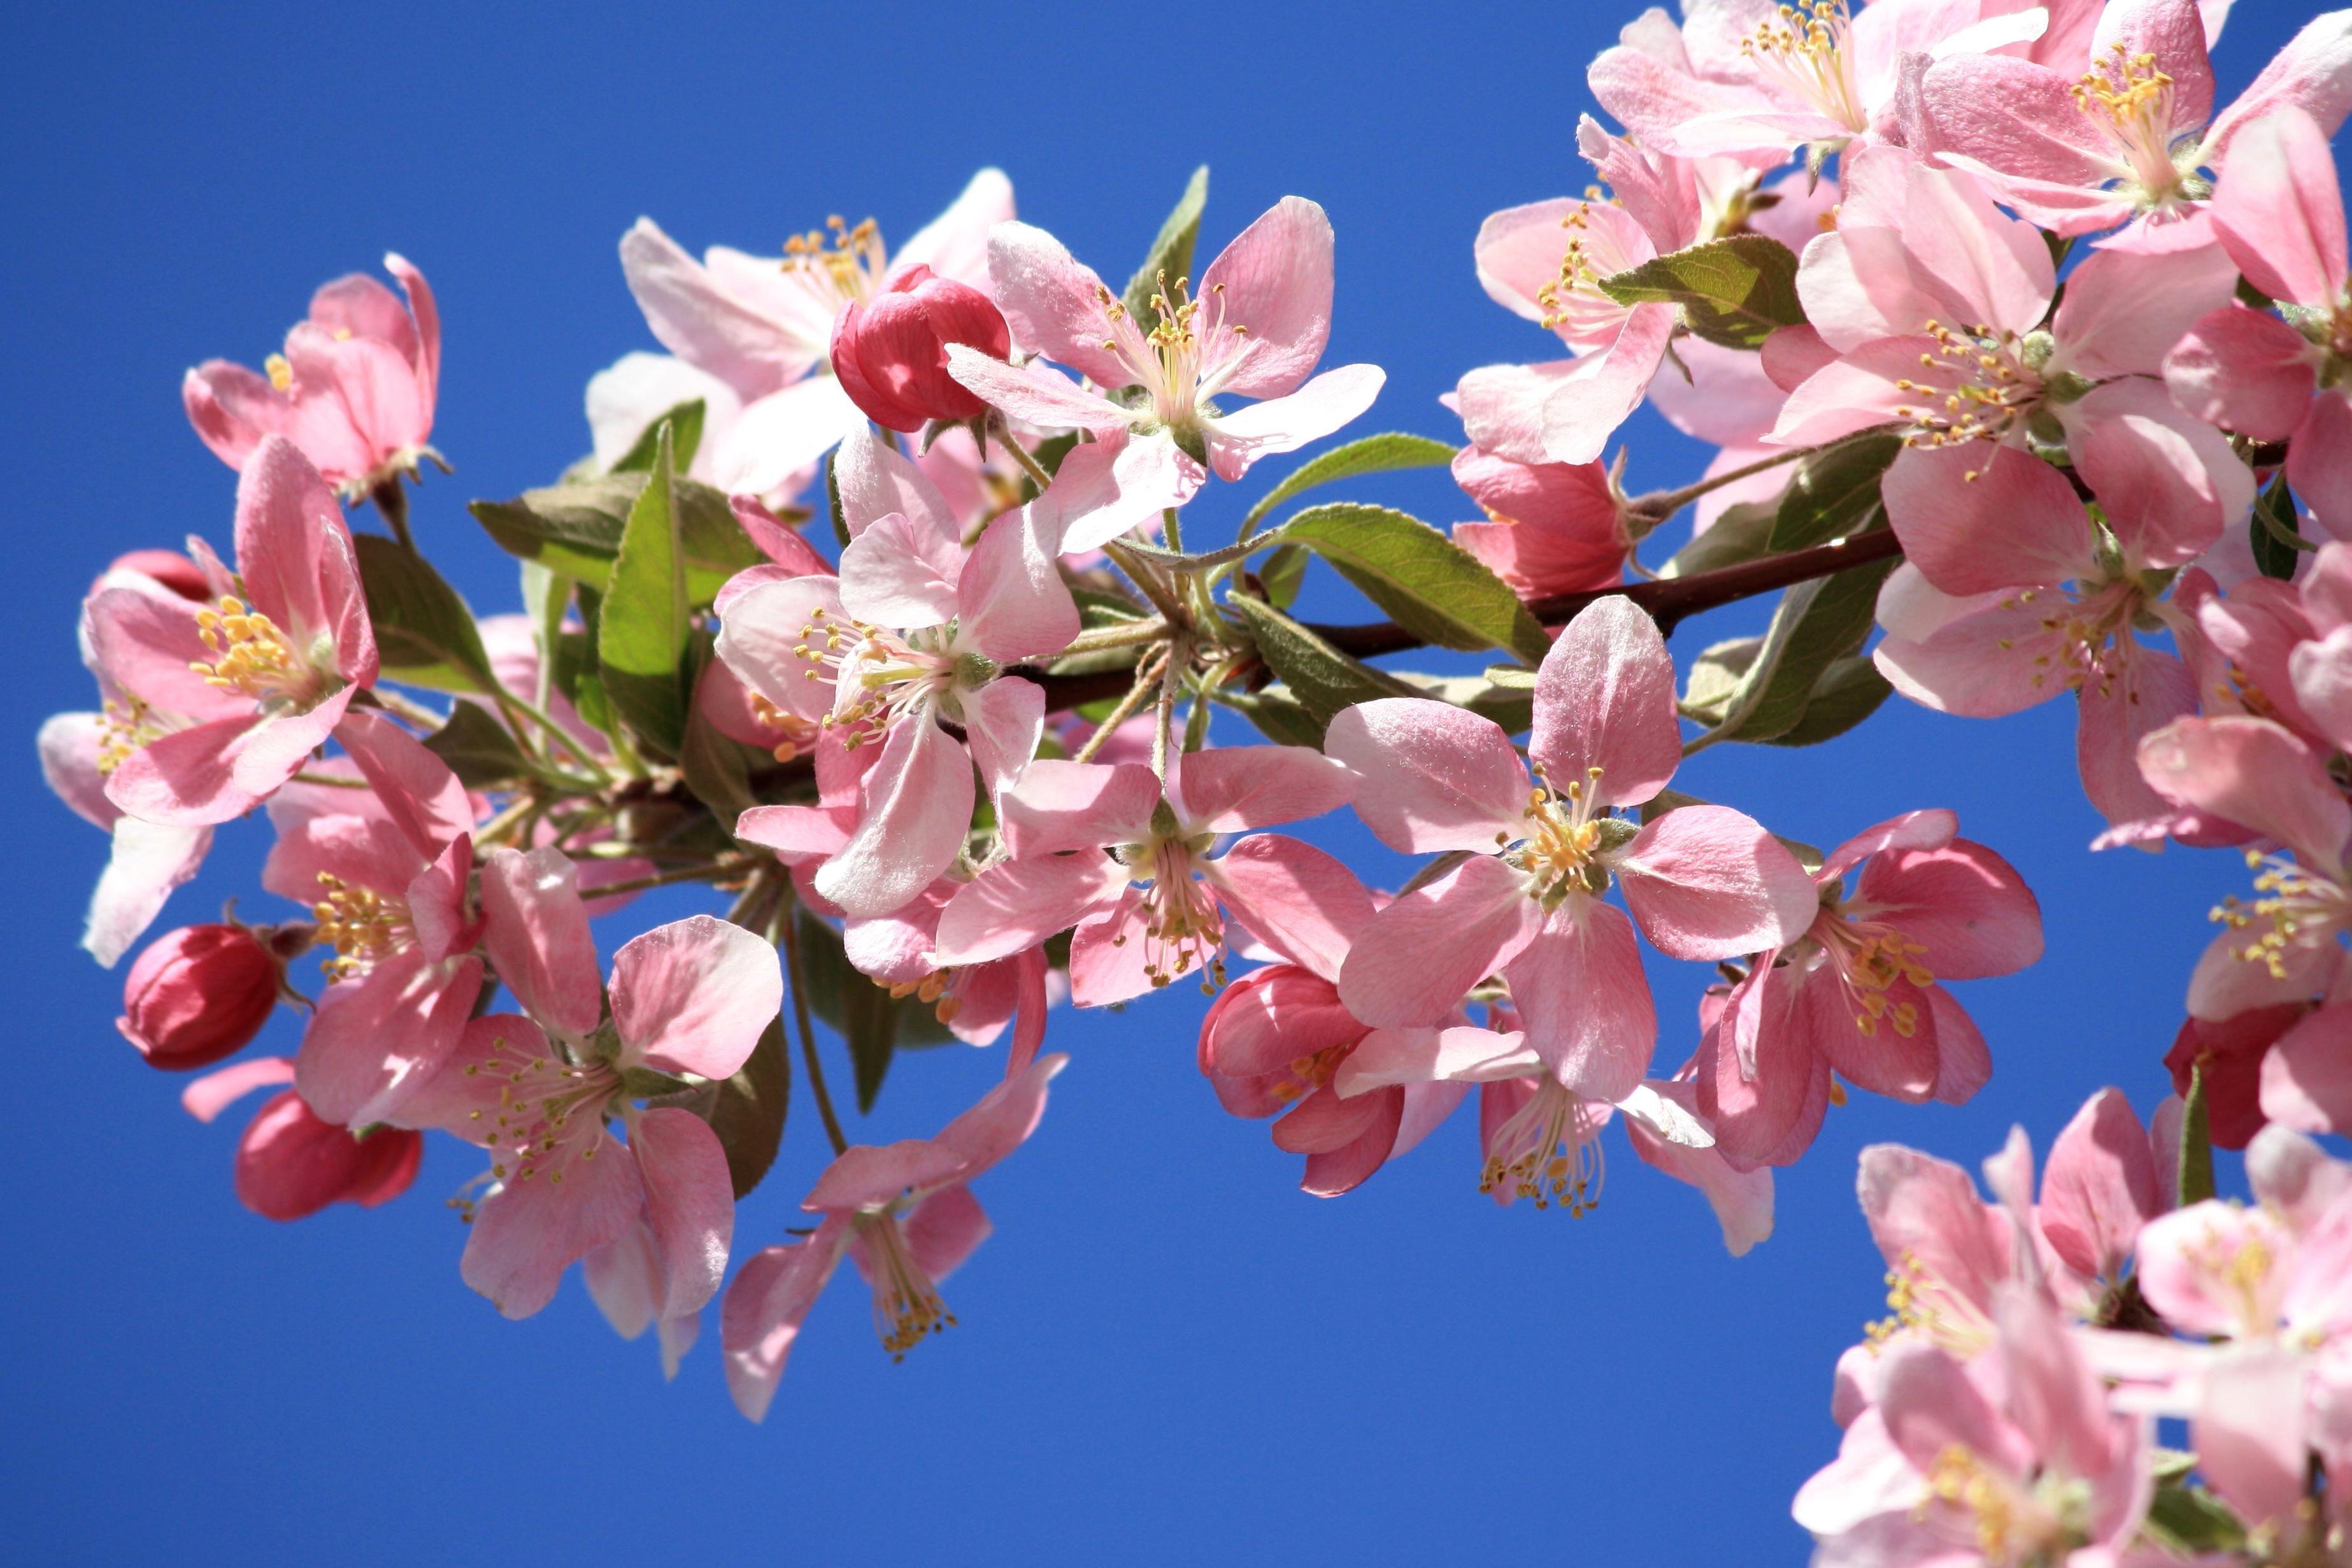 flores primavera rama rbol de manzanas de color rosa